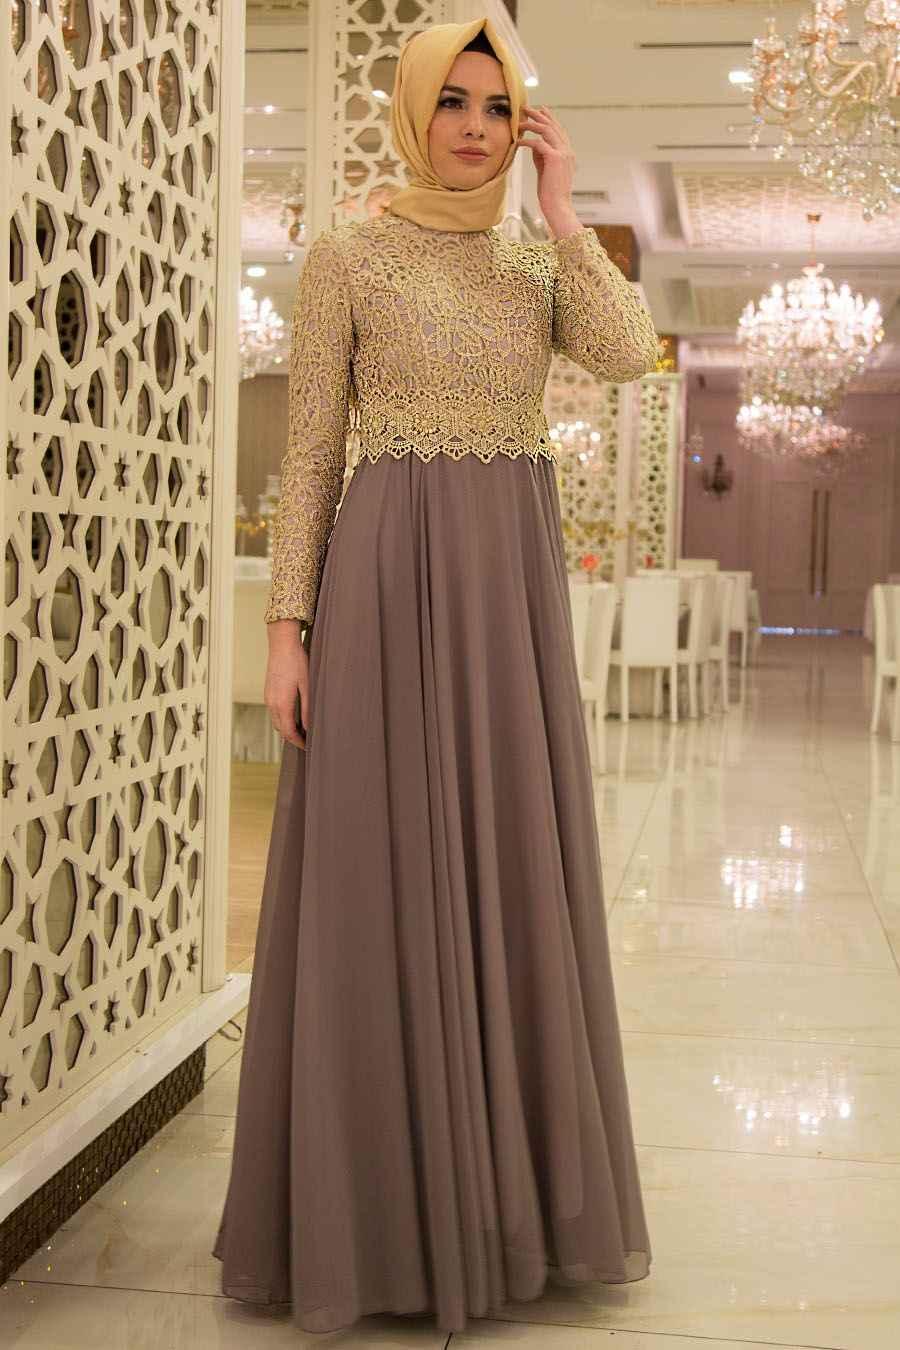 Nayla Collection Tesettür Gold Dantelli Abiye Elbise Modelleri